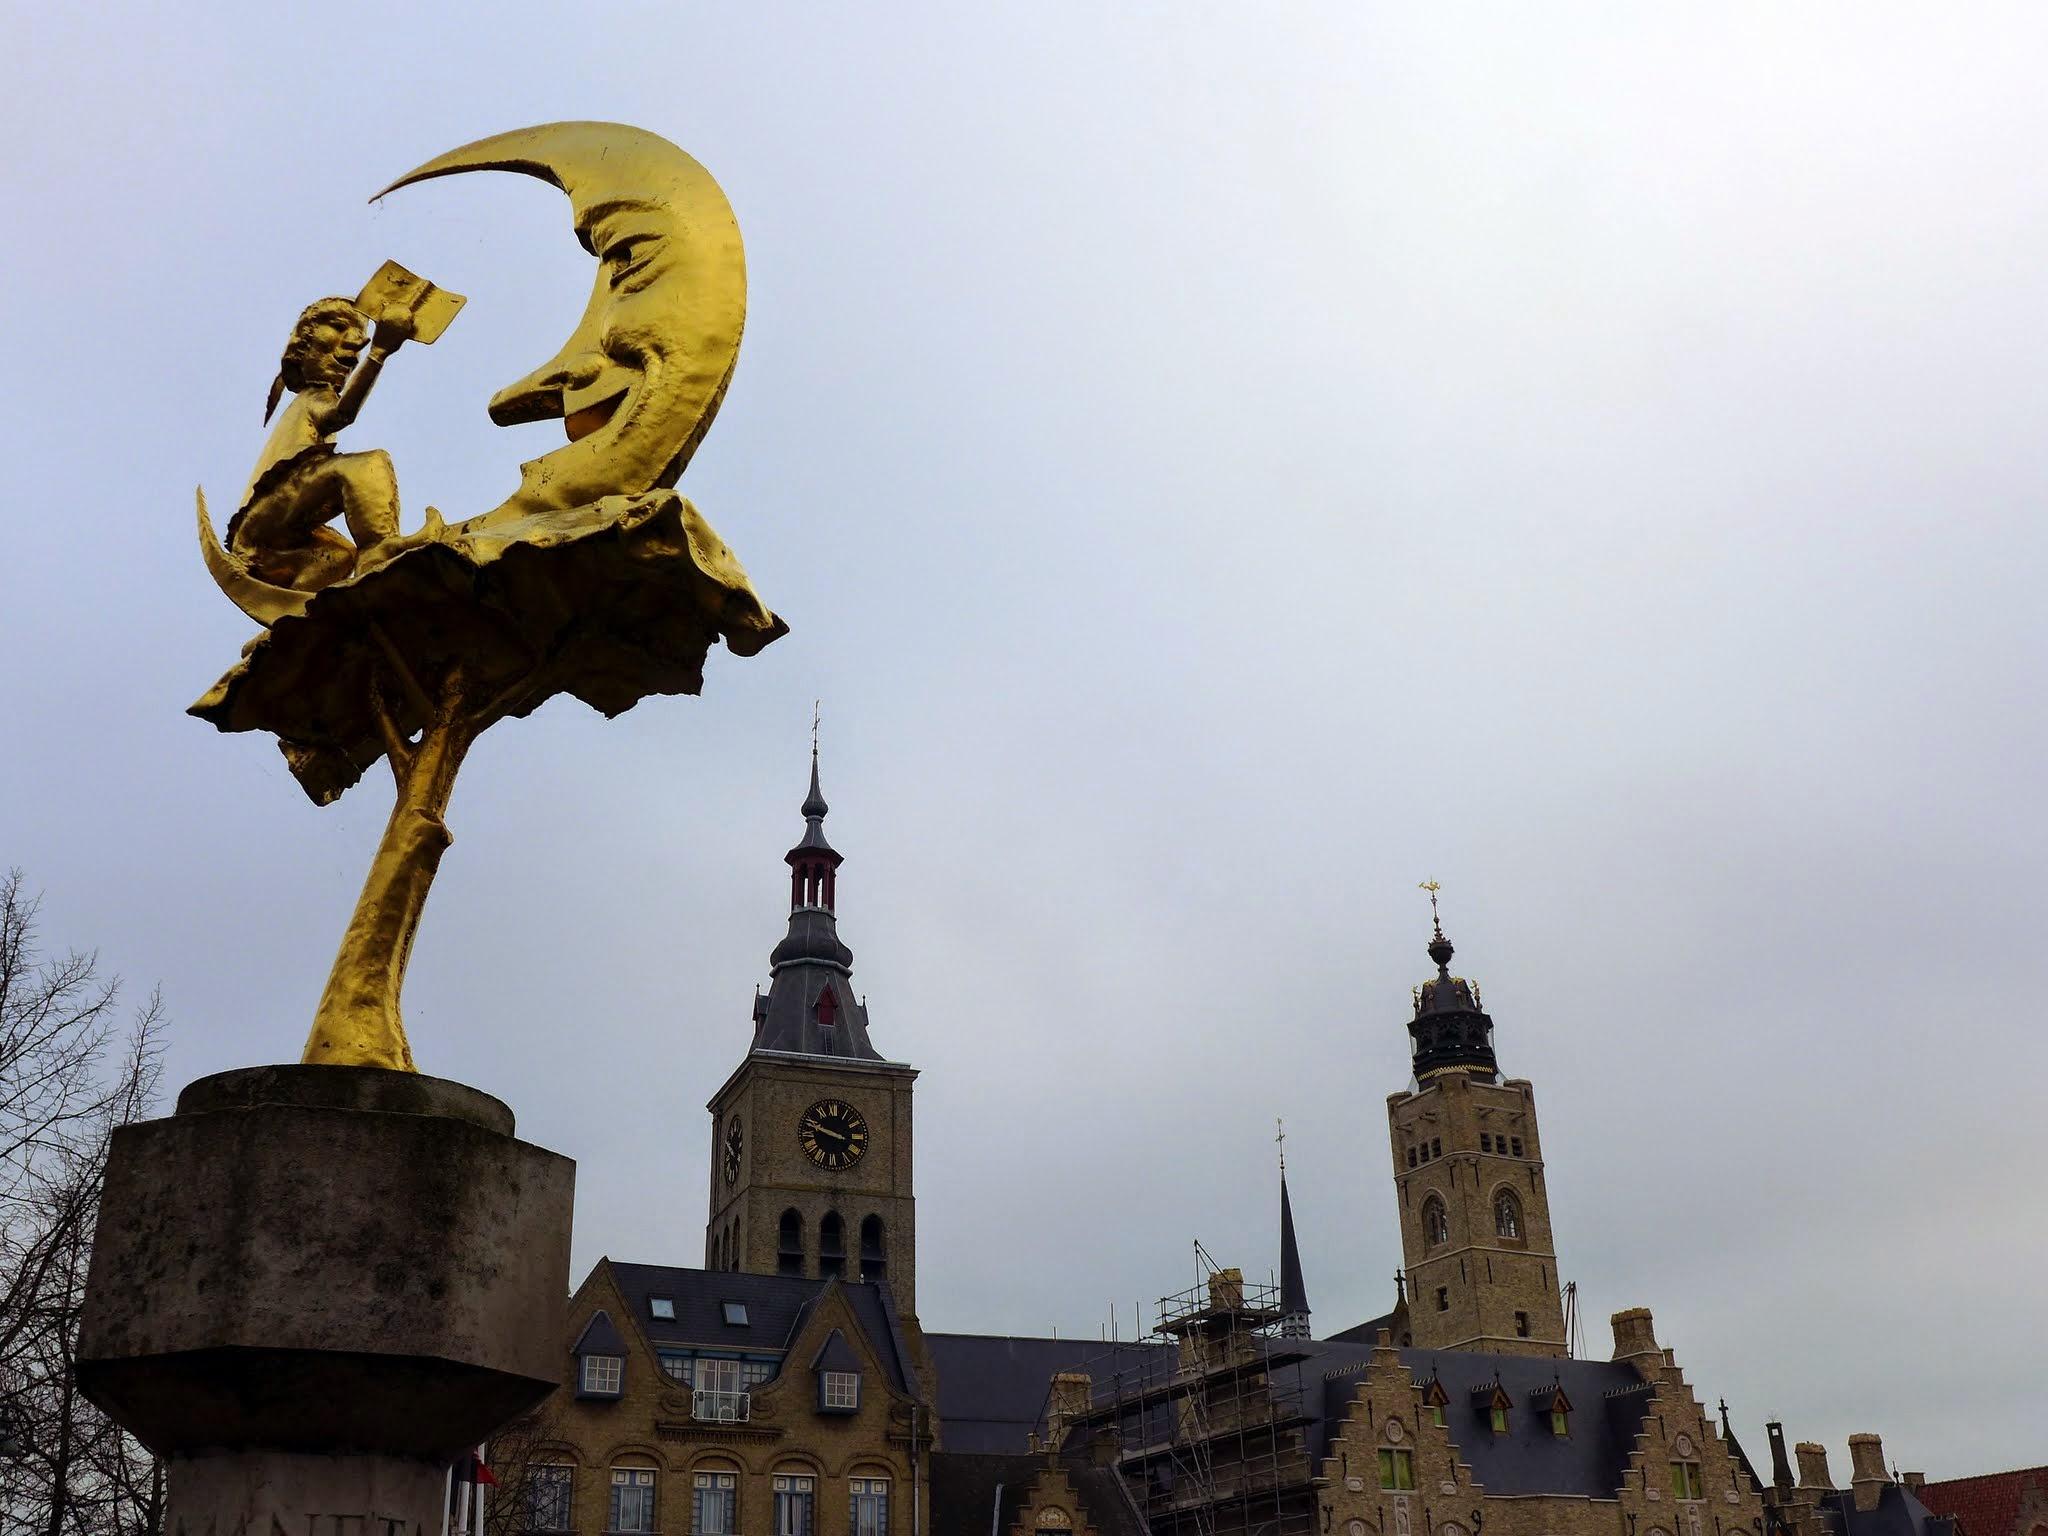 """Photo: Standbeeld """" 't Manneke uit de Mane"""", verwijst naar de volksalmanak die onder deze naam vanaf 1881 werd uitgegeven door """"De Swighende Eede"""" (1880)"""